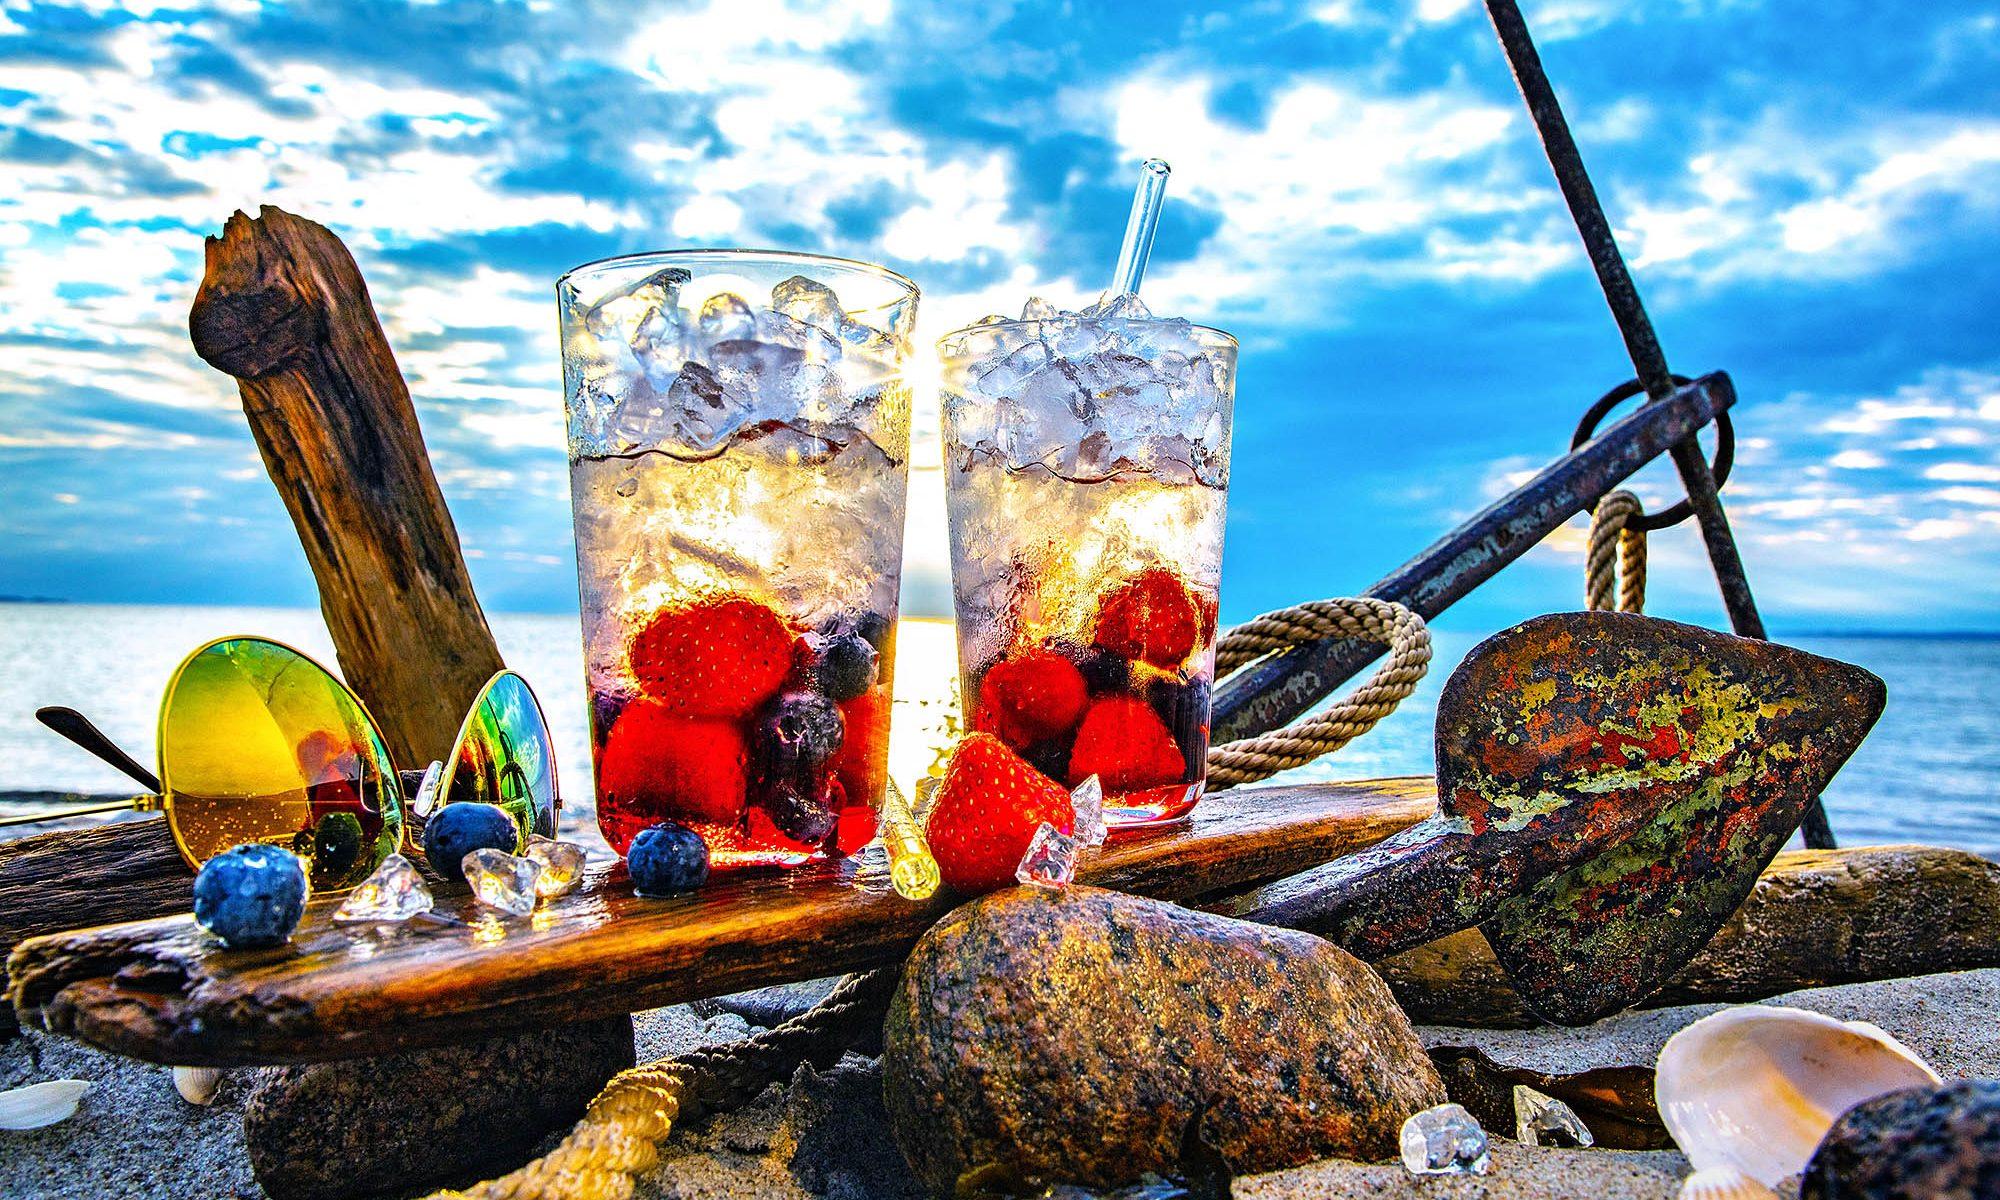 Seebeeren, Strandgut. Getränke mit frischen Beerebfrüchten, Food - Foto